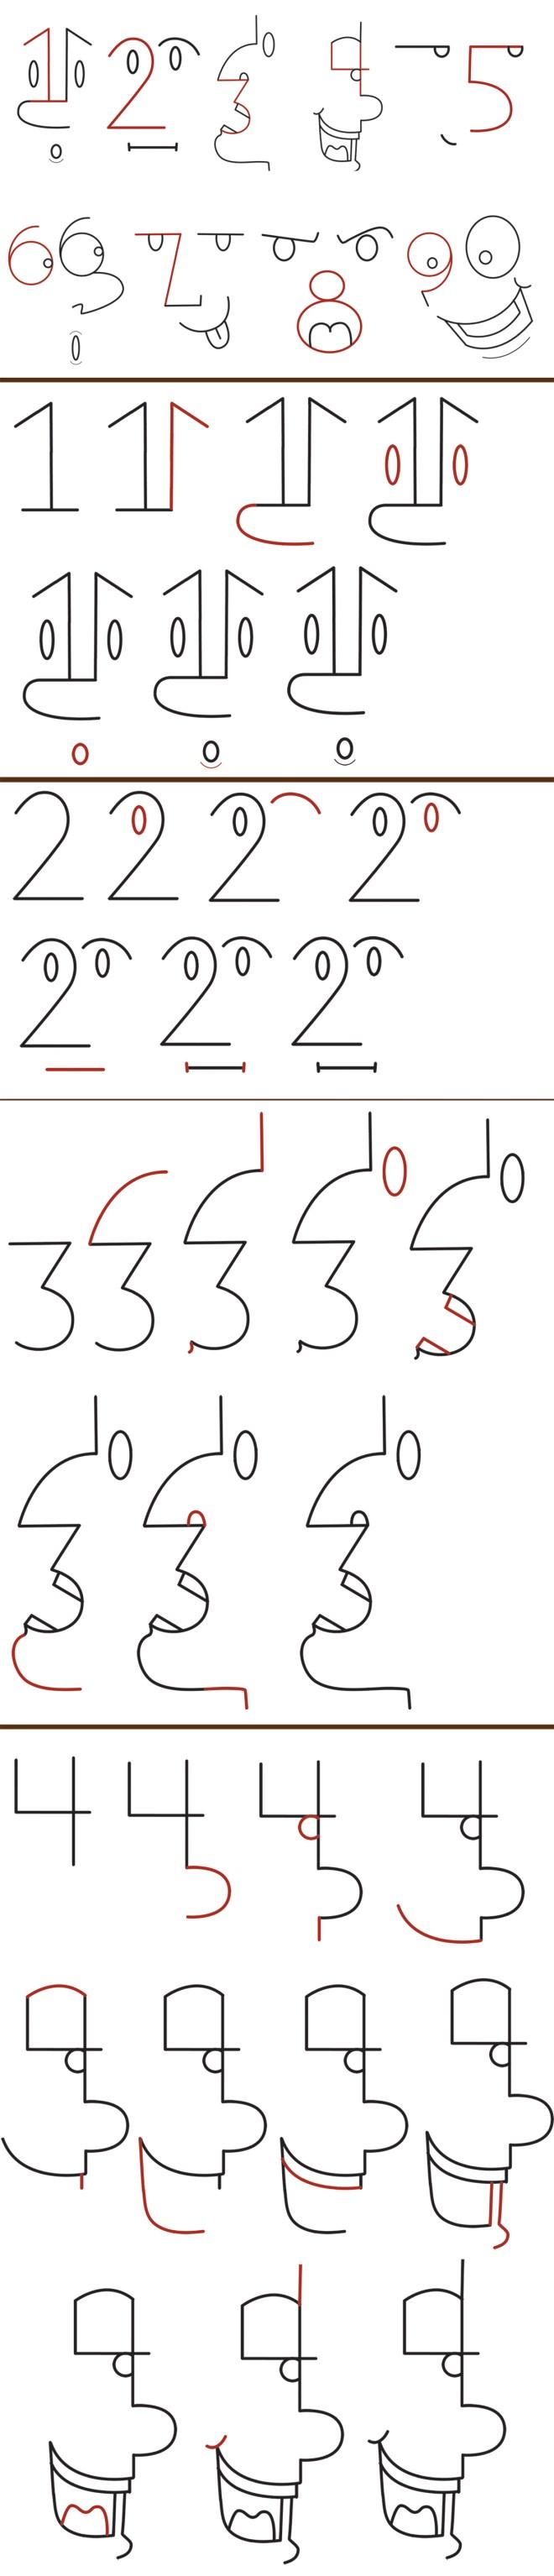 رسم وجوه من خلال الأرقام